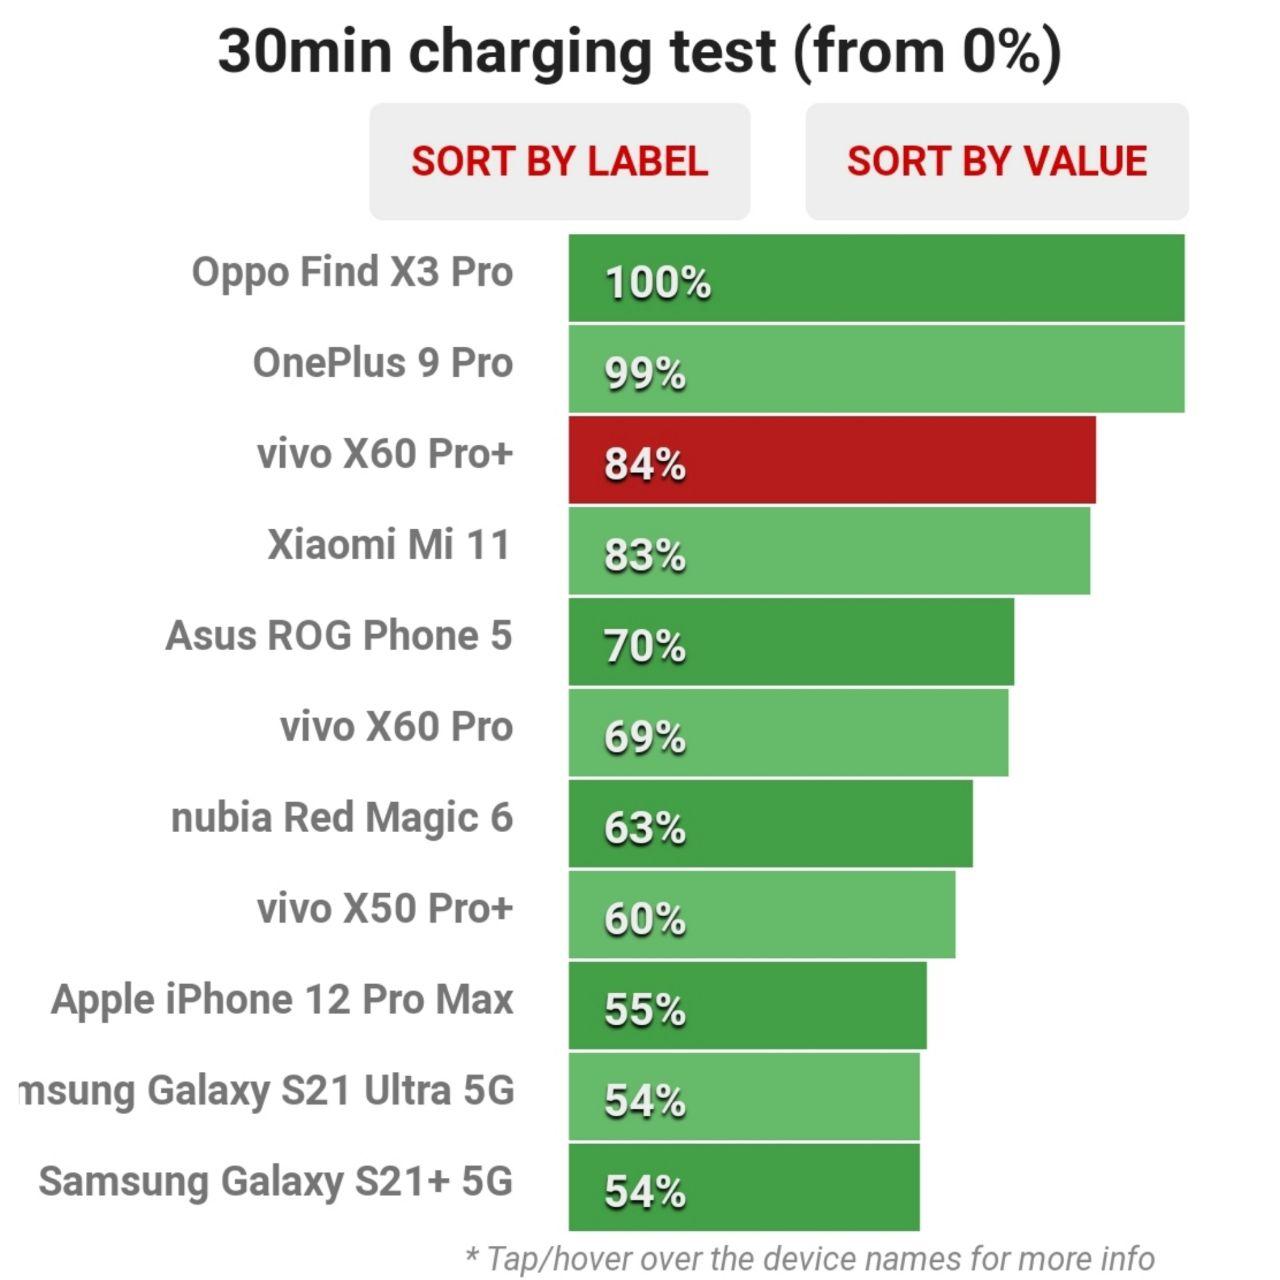 میزان ظرفیت پر شده باتری در نیم ساعت